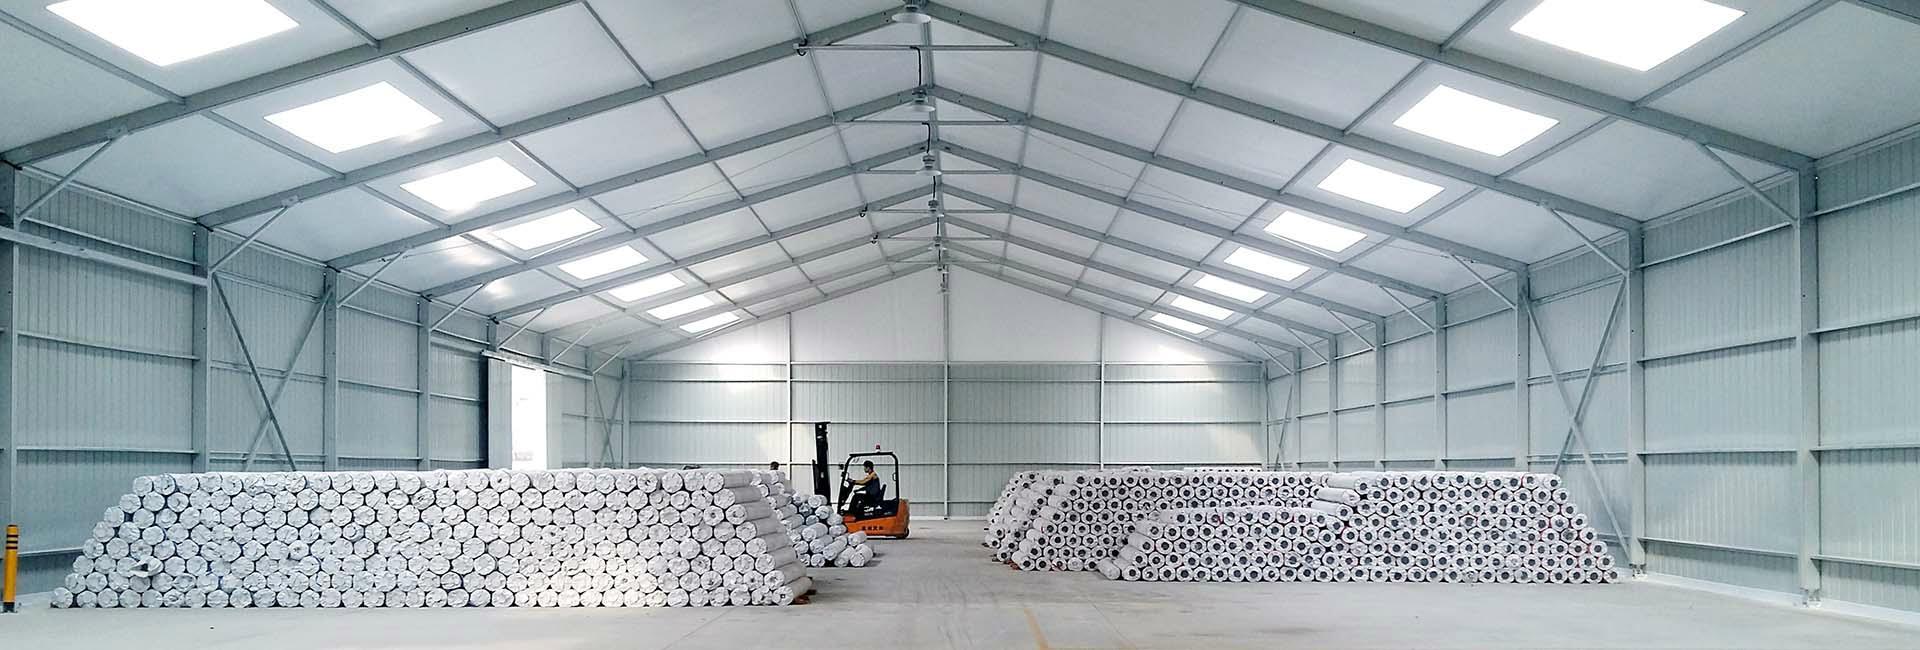 中國好的大型篷房 倉儲篷房 工業帳篷 Party Tent 2